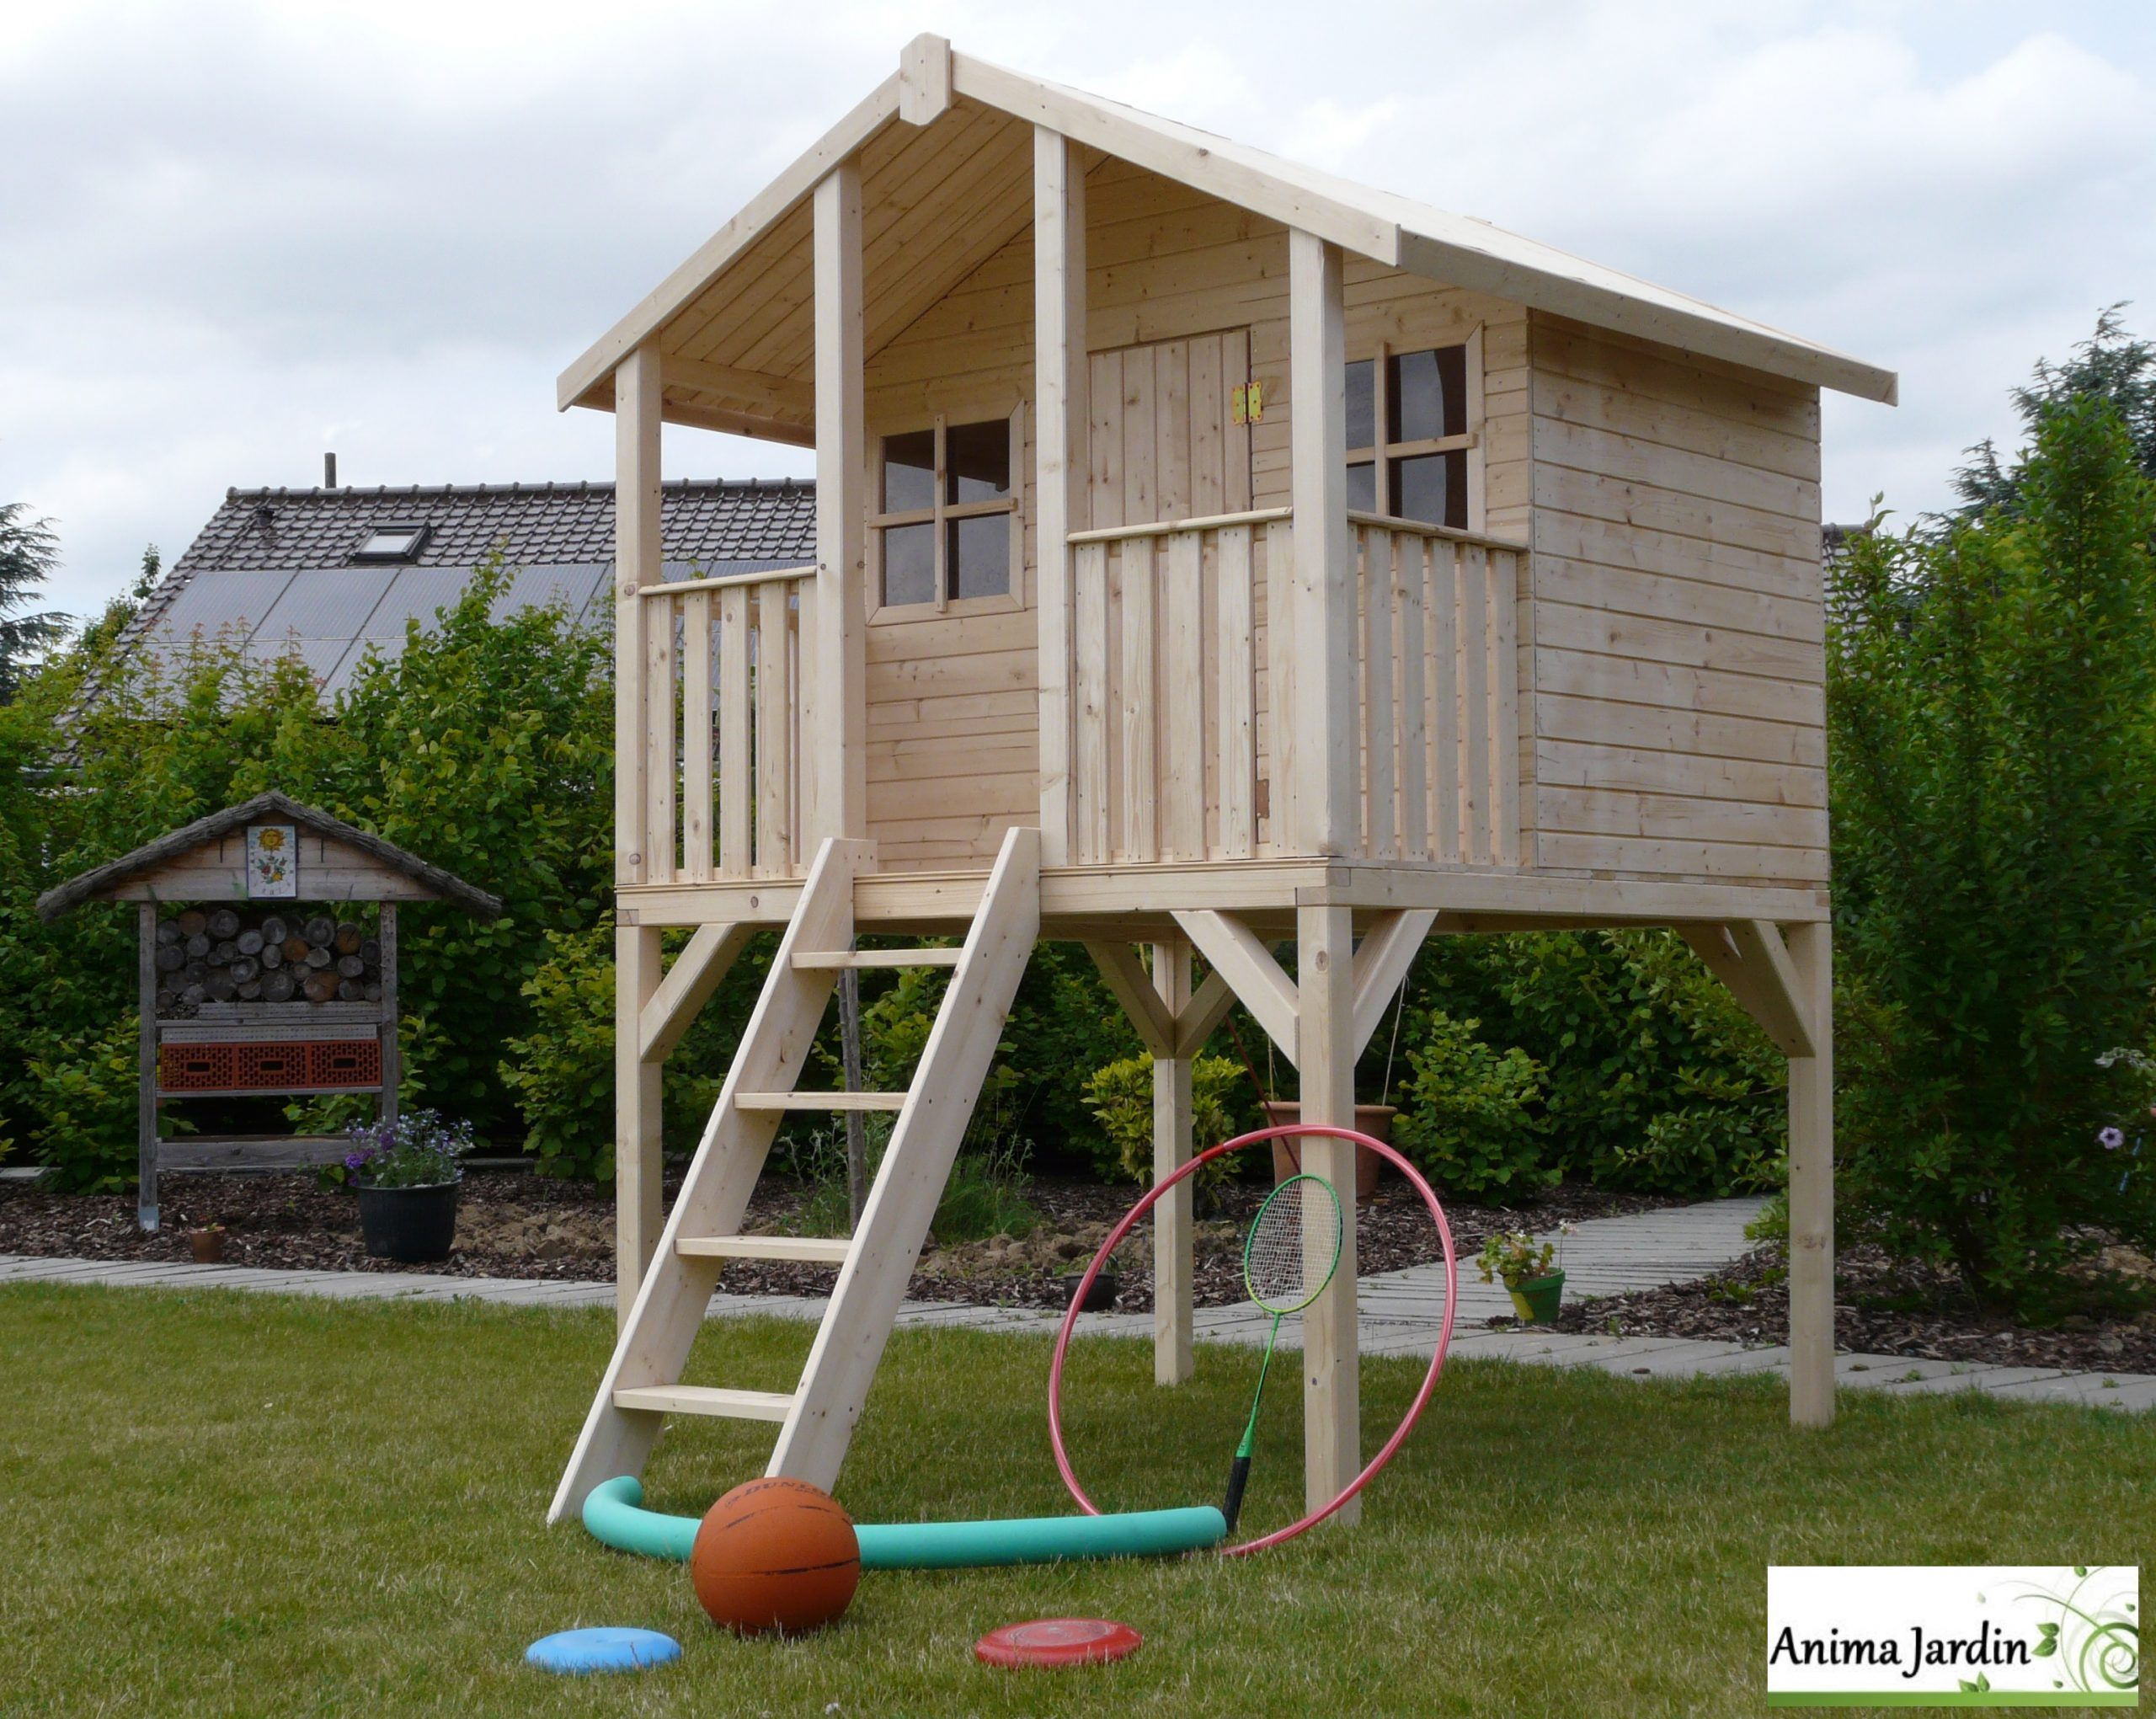 Cabane En Bois Surélevée Sur Pilotis, 3M², Toit Deux Pentes ... encequiconcerne Cabane Jardin Enfant Pas Cher